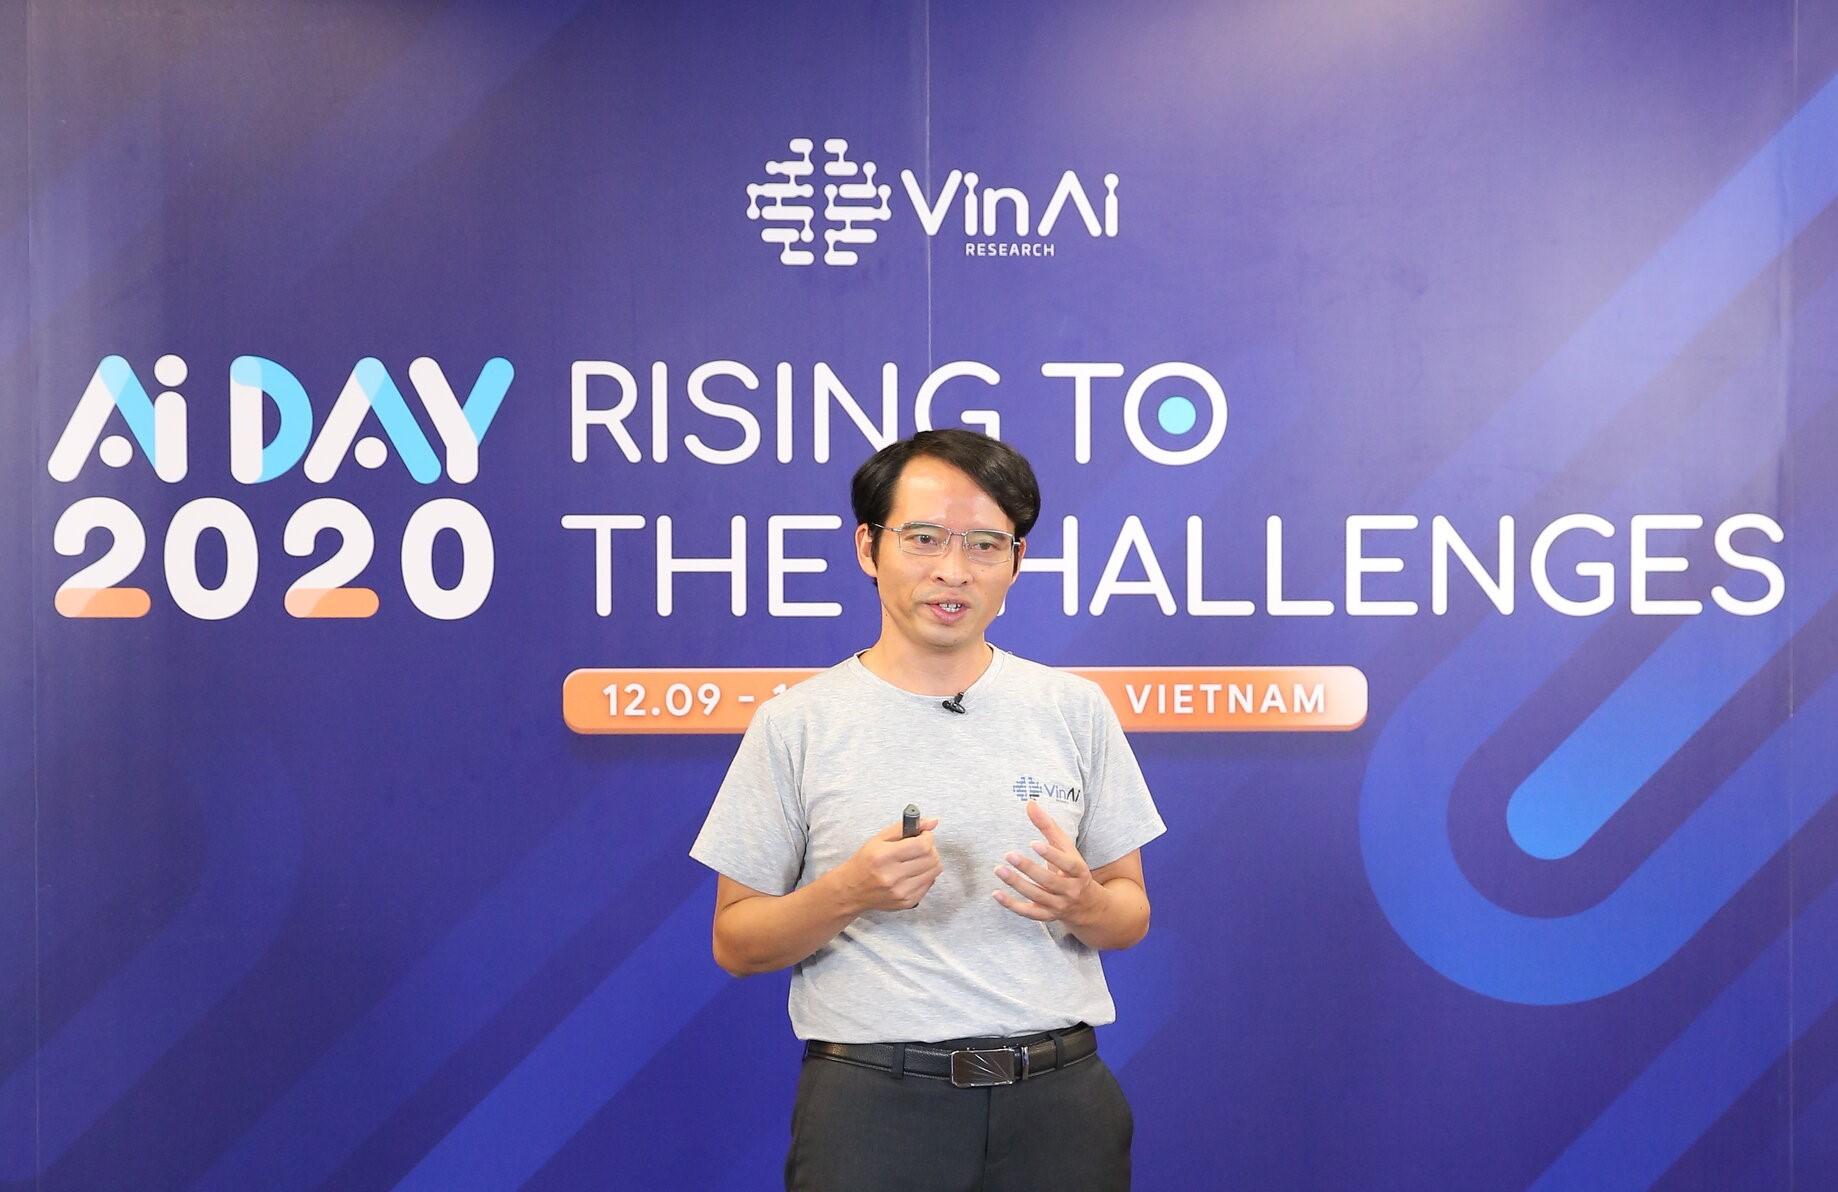 Tiến sĩ Bùi Hải Hưng – Viện trưởng Viện nghiên cứu Trí tuệ nhân tạo VinAI Research (thuộc Tập đoàn Vingroup) công bố 2 giải pháp Vcam Kristal và VSound Alto tại sự kiện AI Day 2020 (12/09)